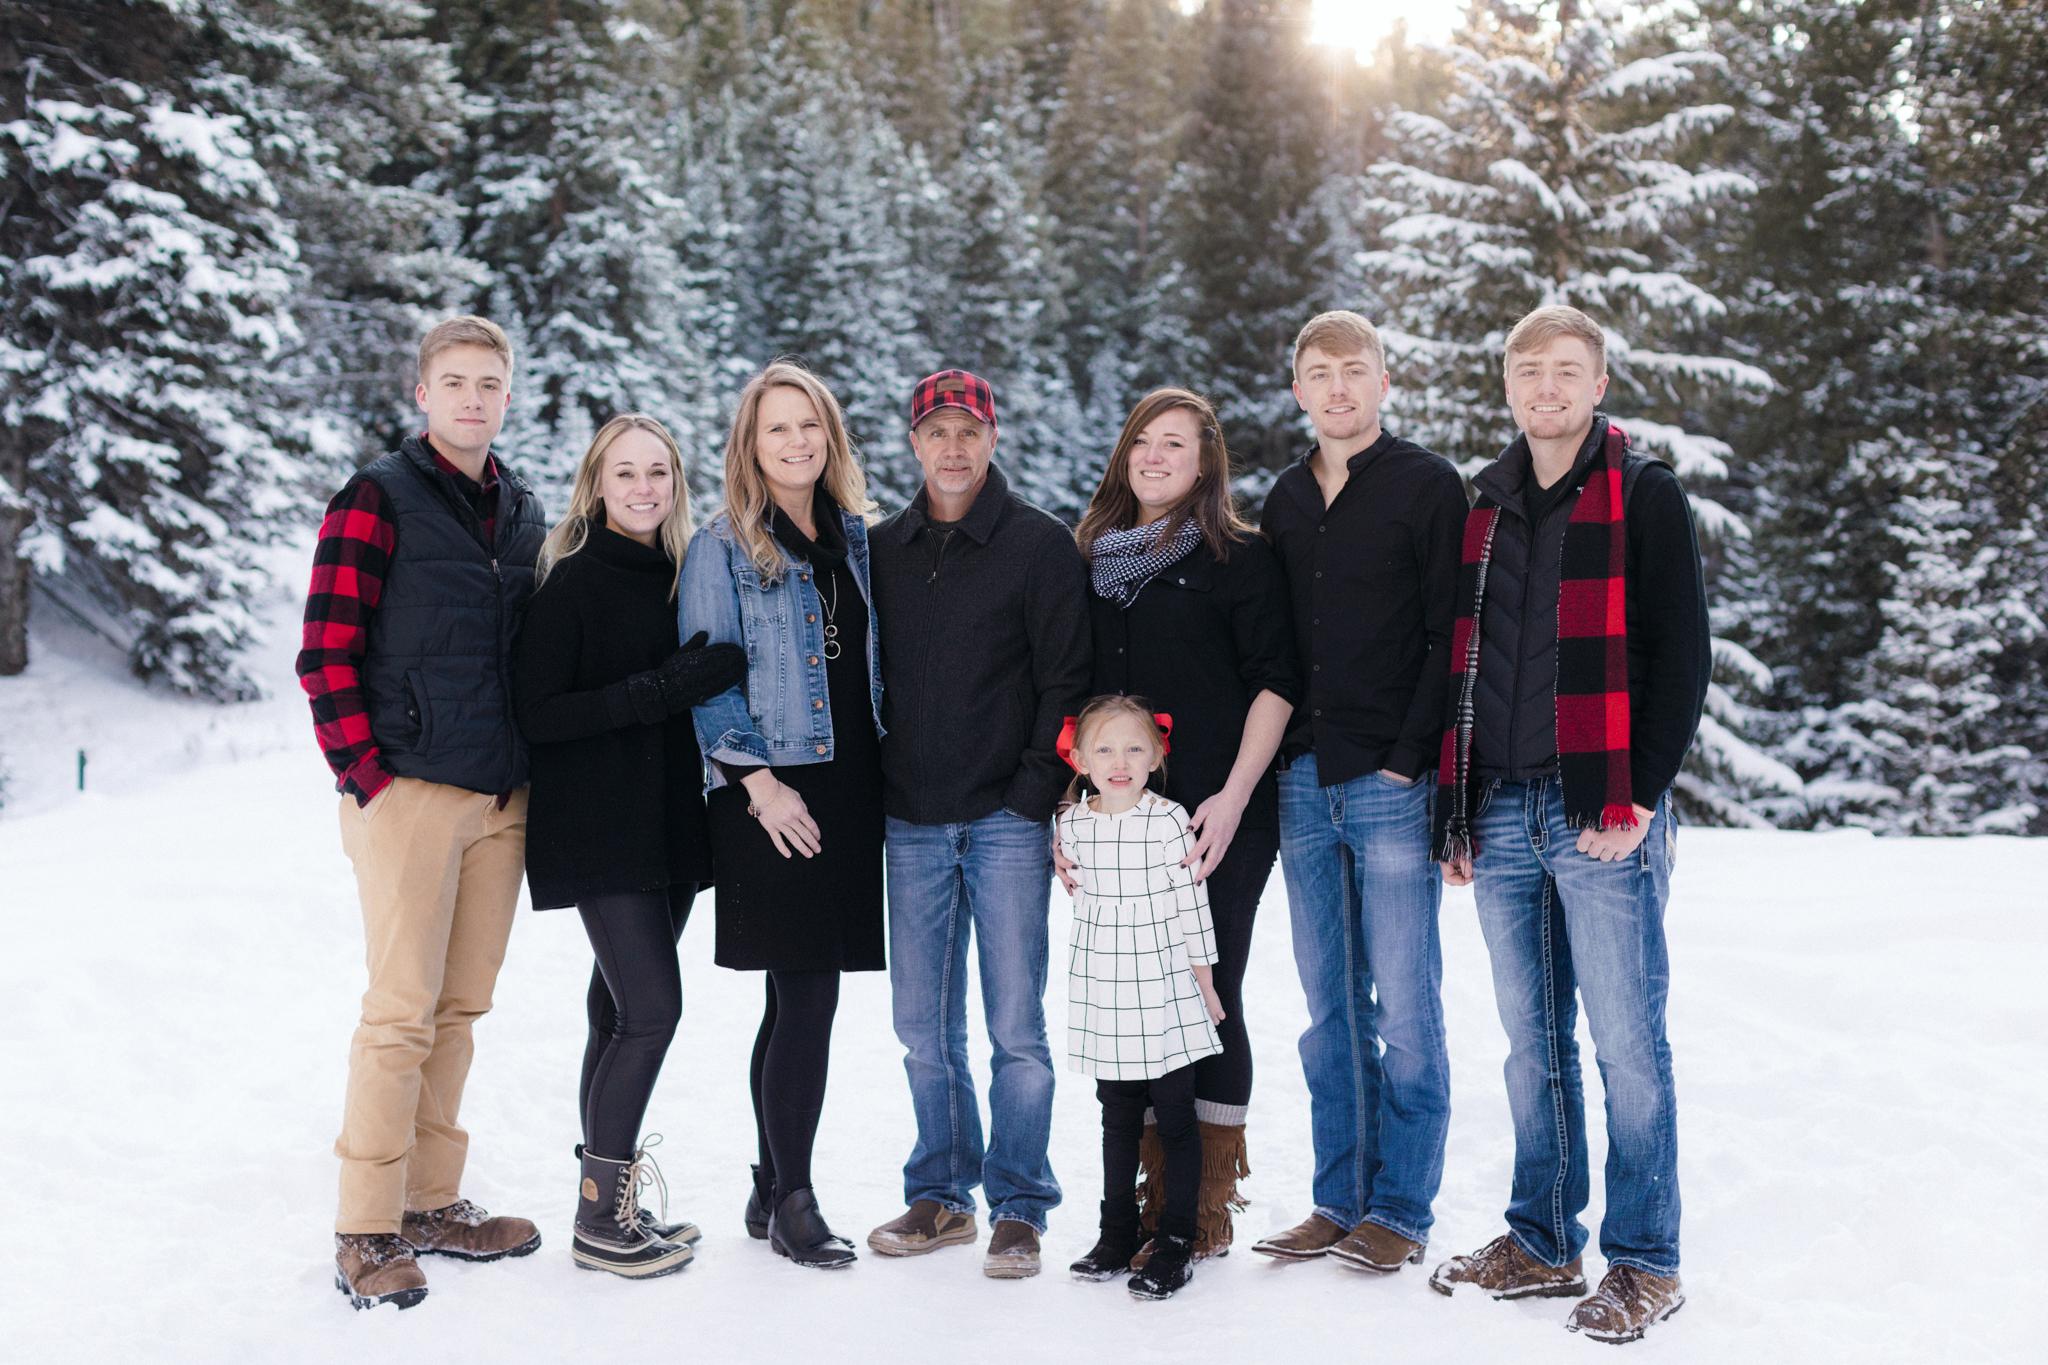 Hermeier_Winter_Breckenridge_Family_Session4